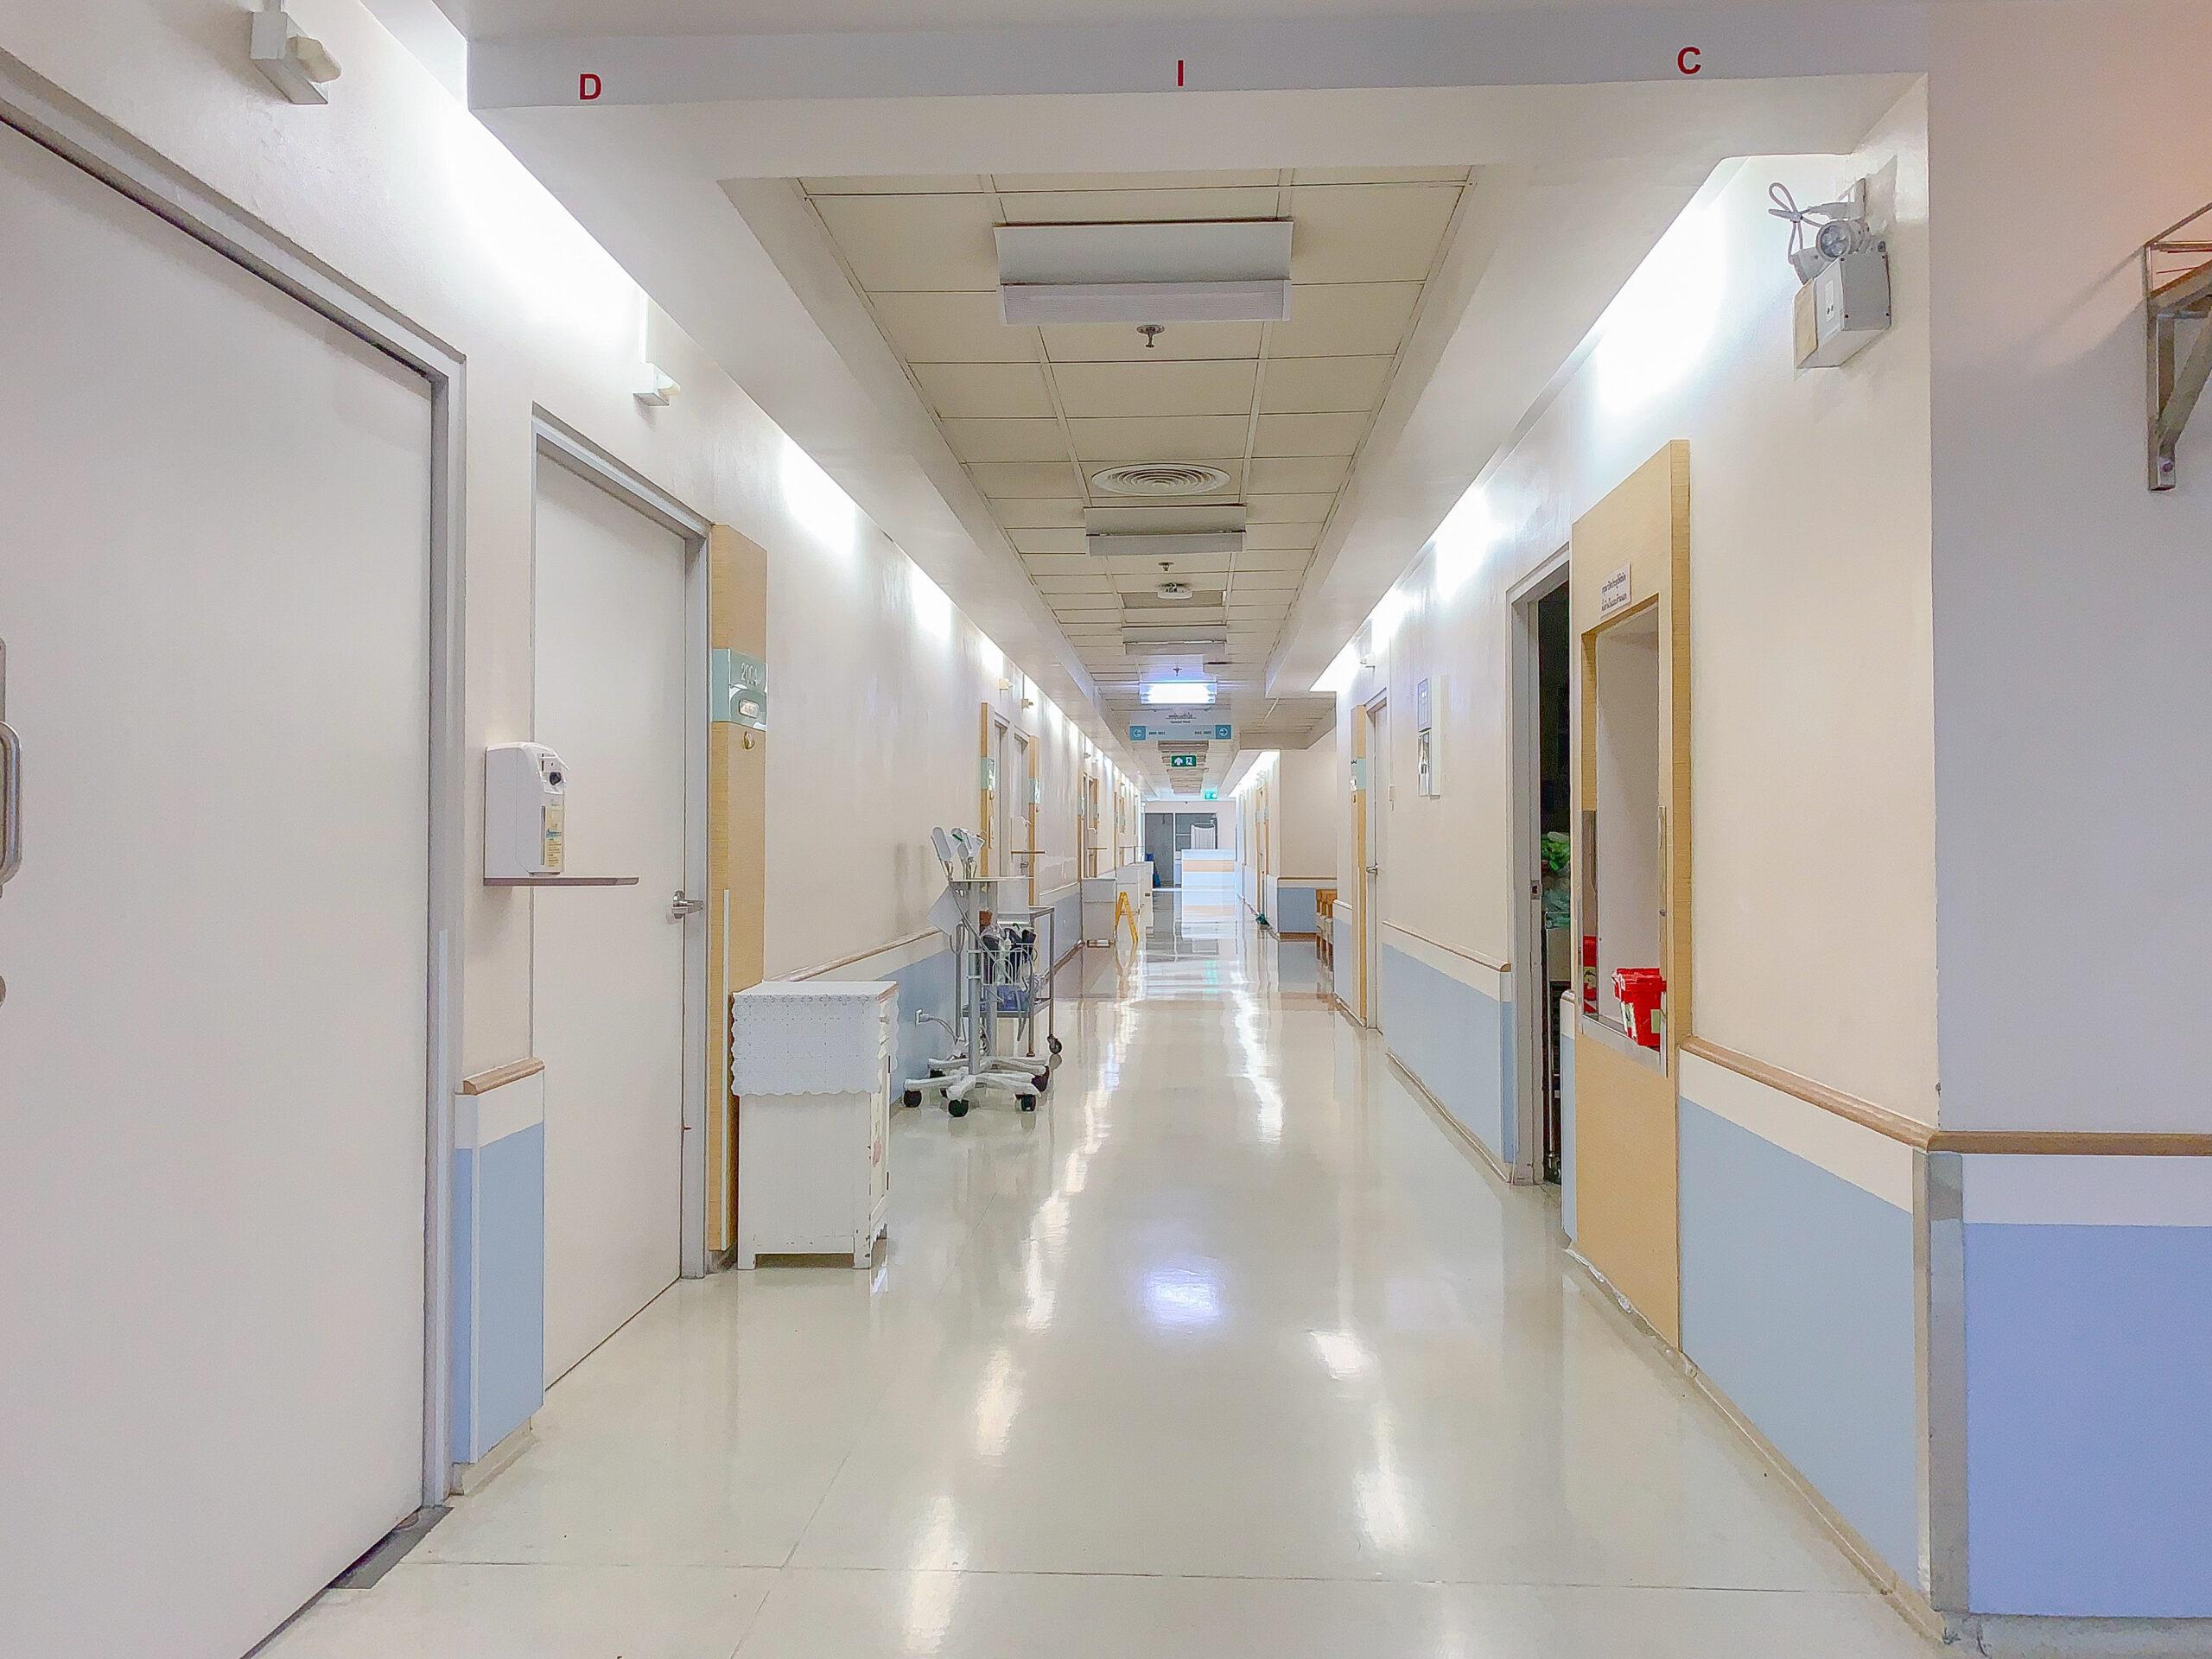 Des phares satellites d'urgence sont utilisés dans un hôpital pour éclairer un corridor